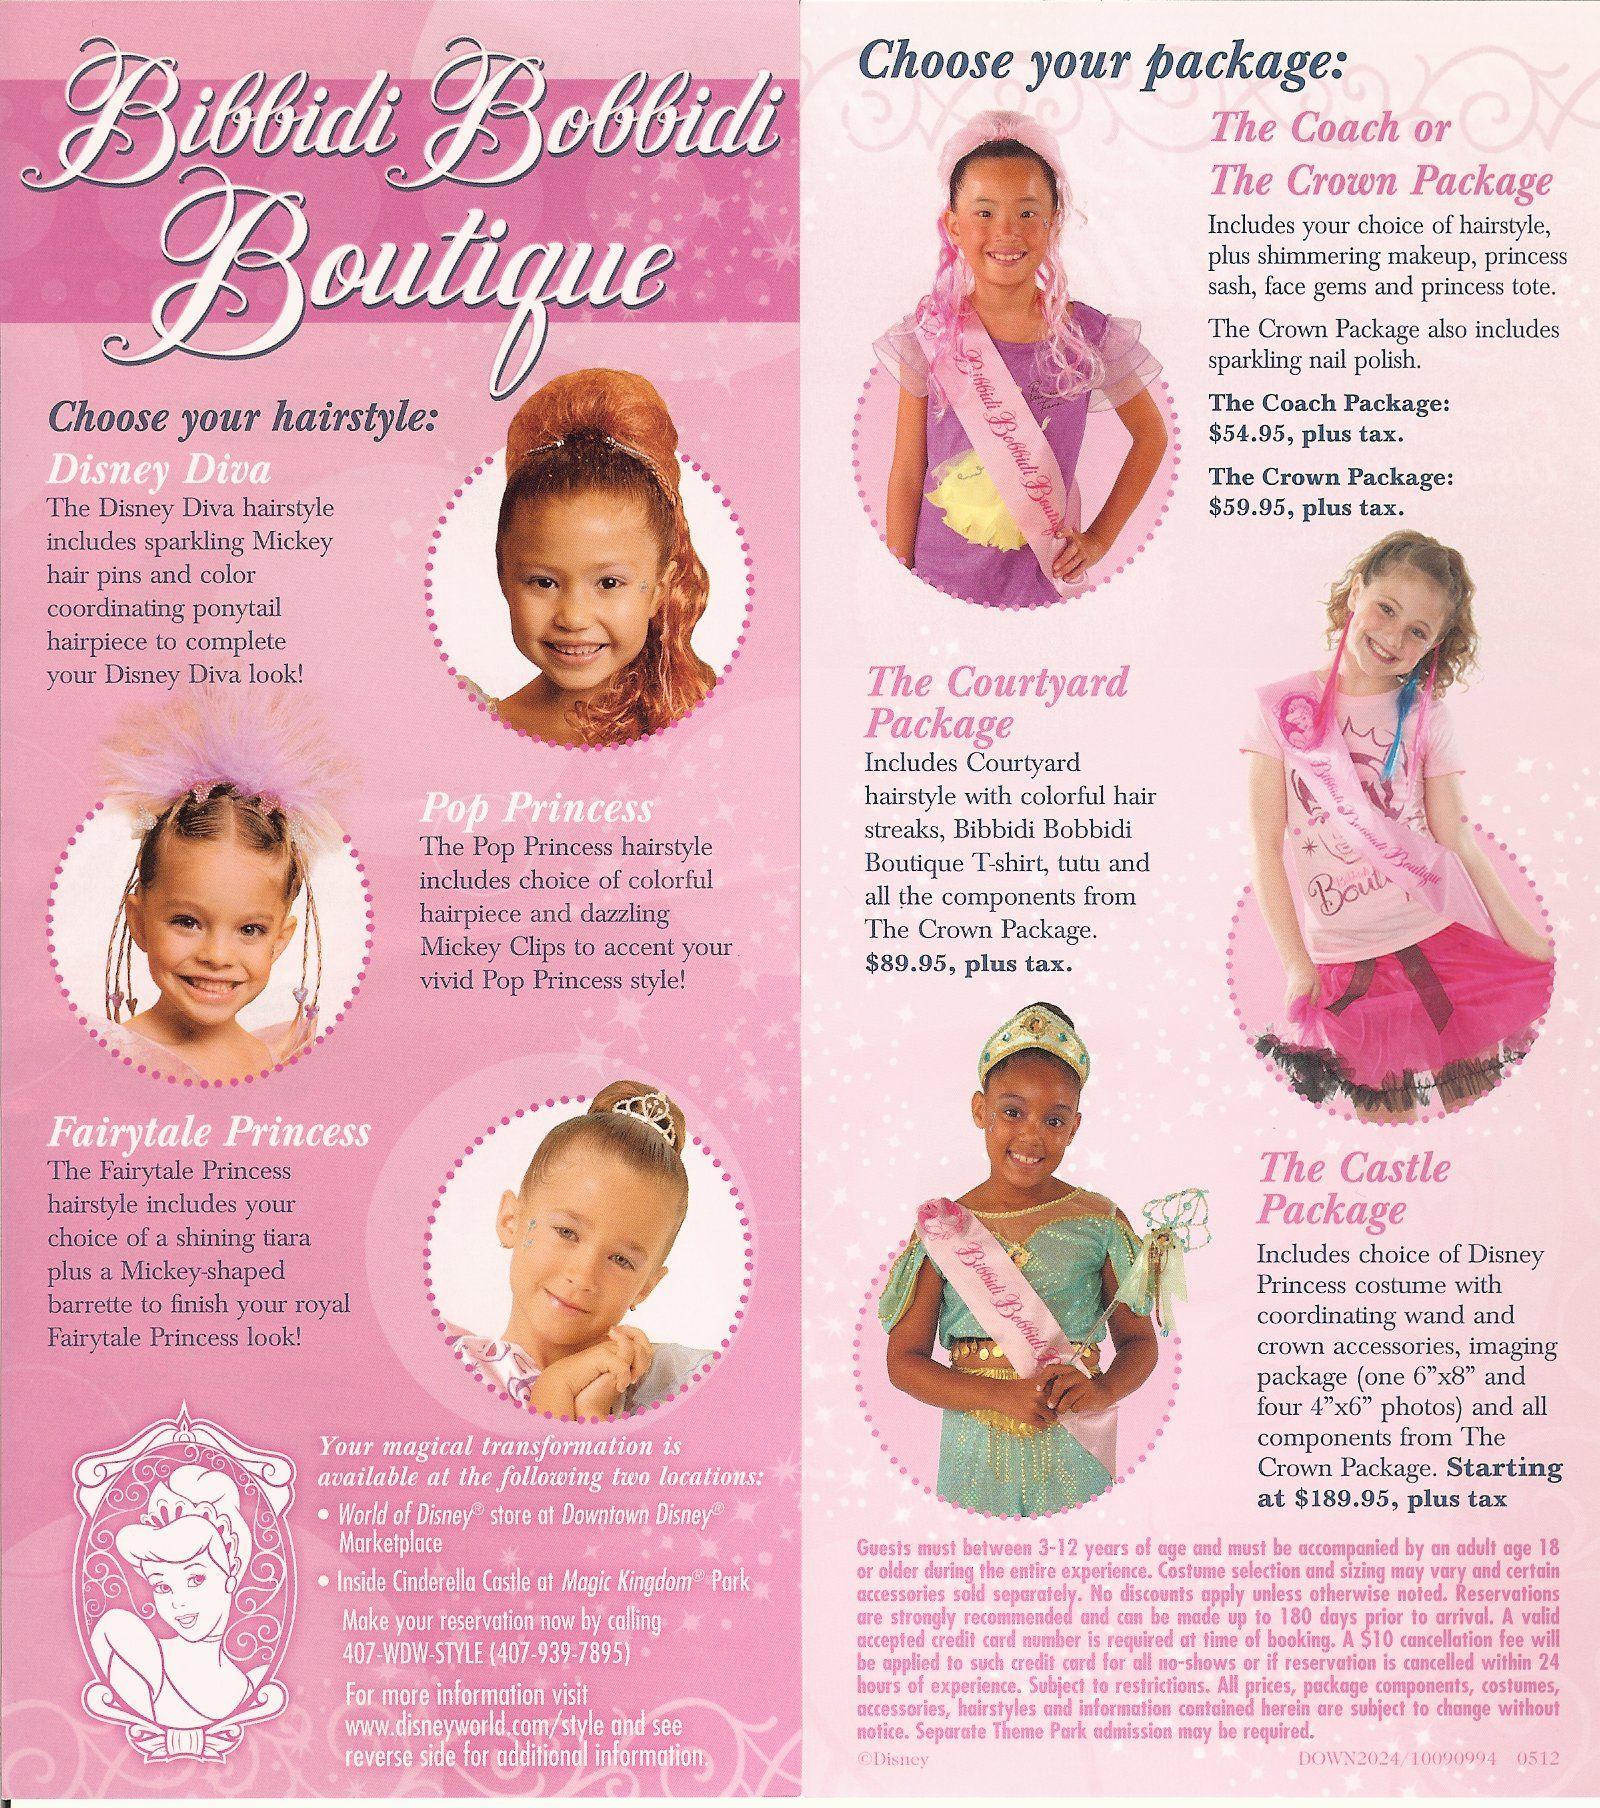 bibbidi bobbidi boutique brochure | there are different